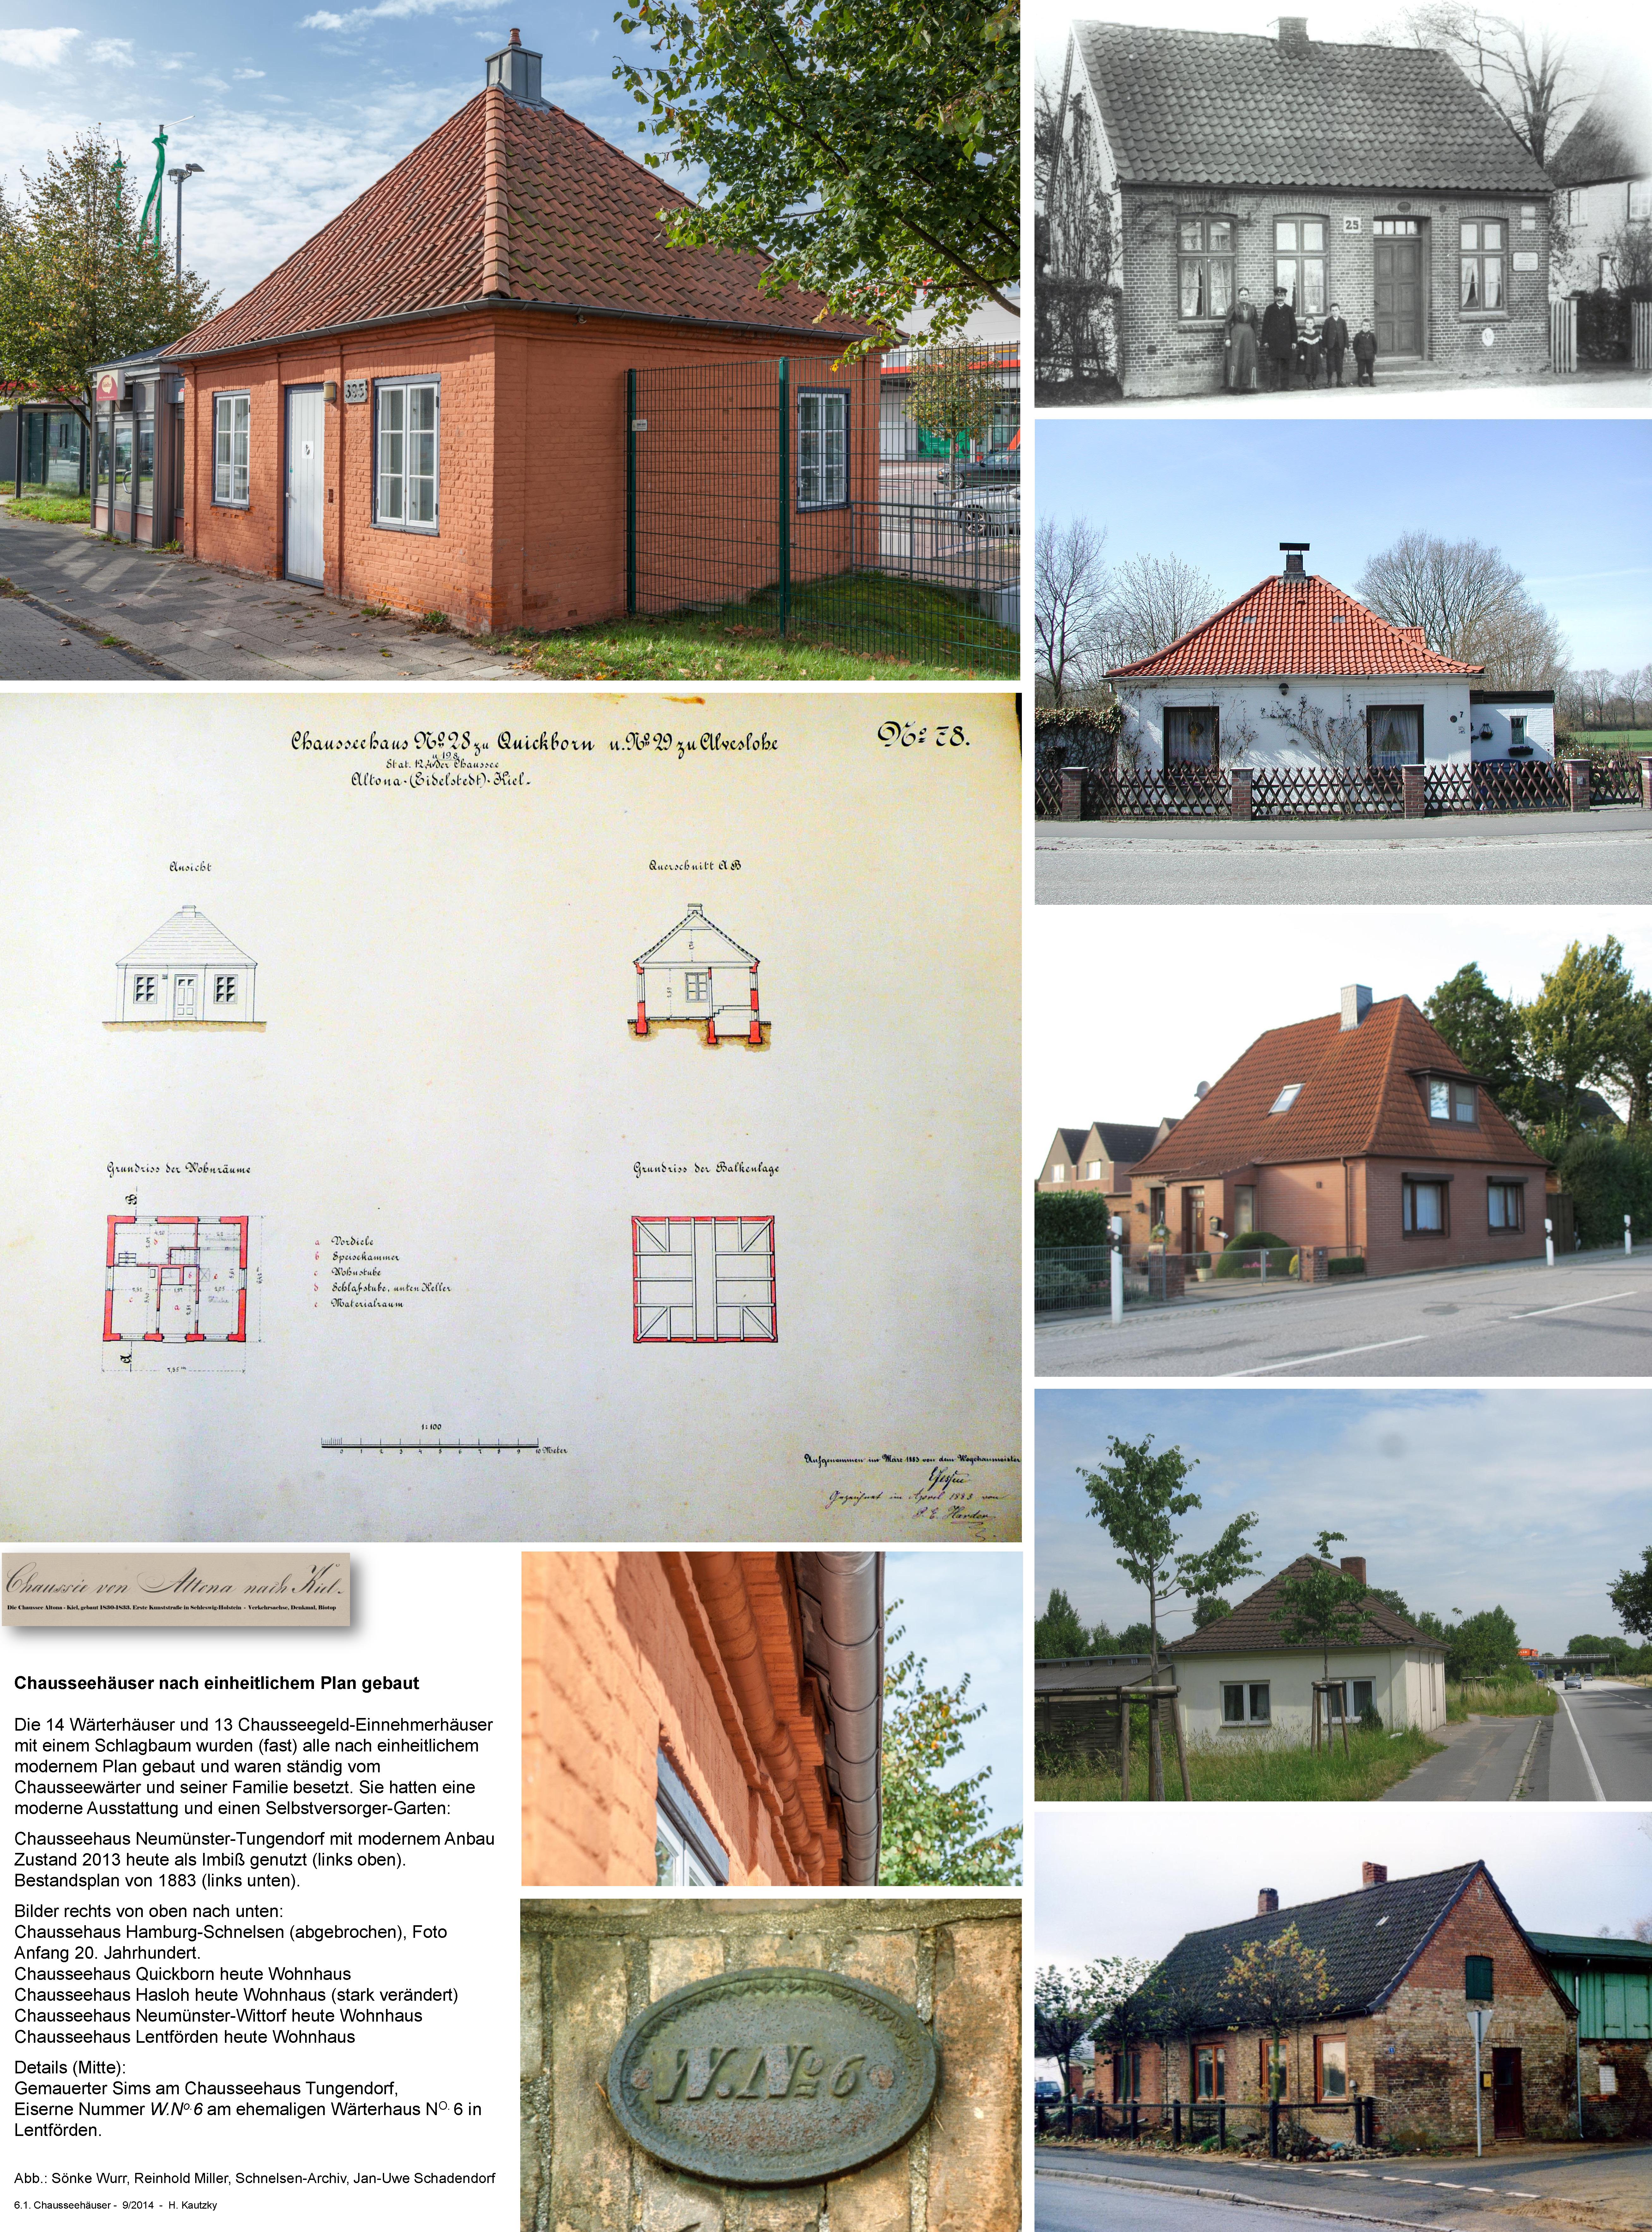 6-1-chausseehc3a4usernacheinheitlichemplantungendorf